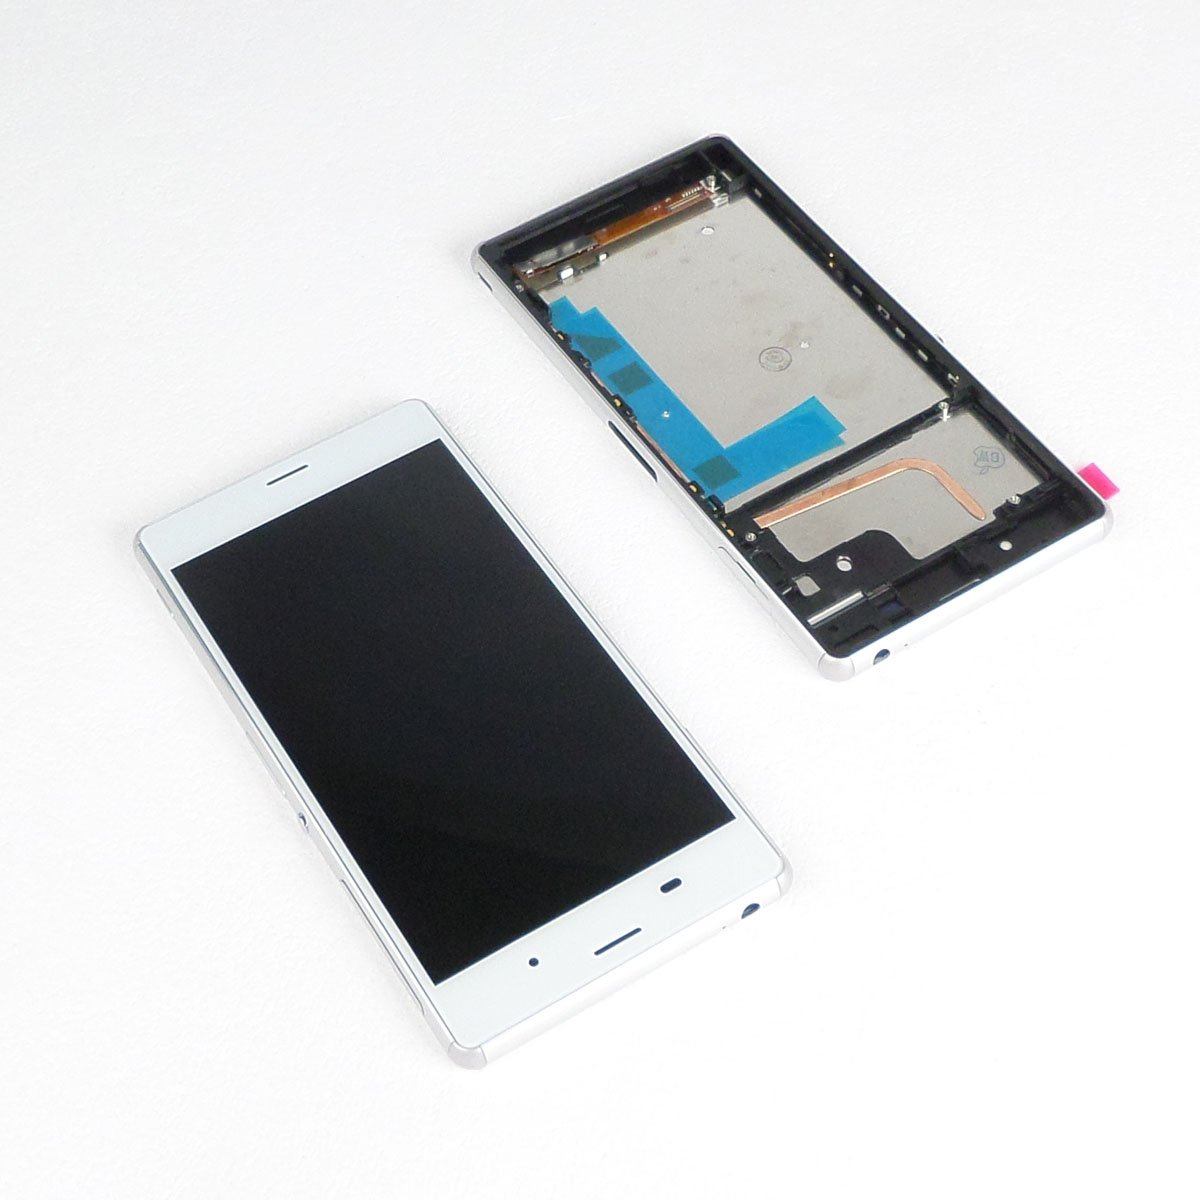 Ecran vitre tactile et LCD assemblés sur châssis blanc compatible Sony Xperia Z3 L55t D6603,D6633,D6643,D6653,D6616